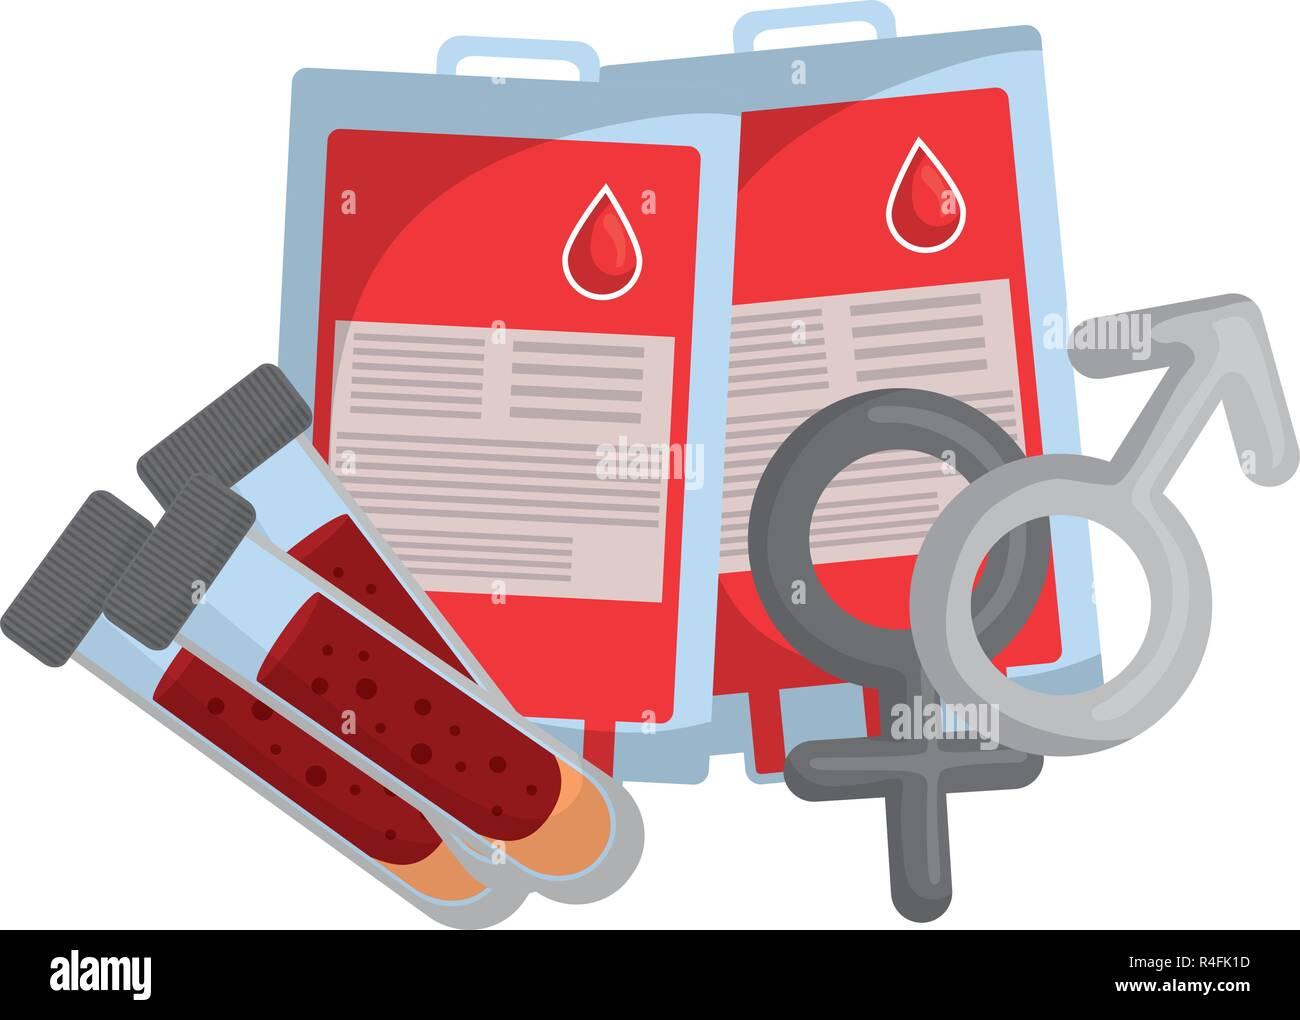 f690bf5cb5 Avec les sacs de sang et test tube hommes vecteur symboles illustration  design